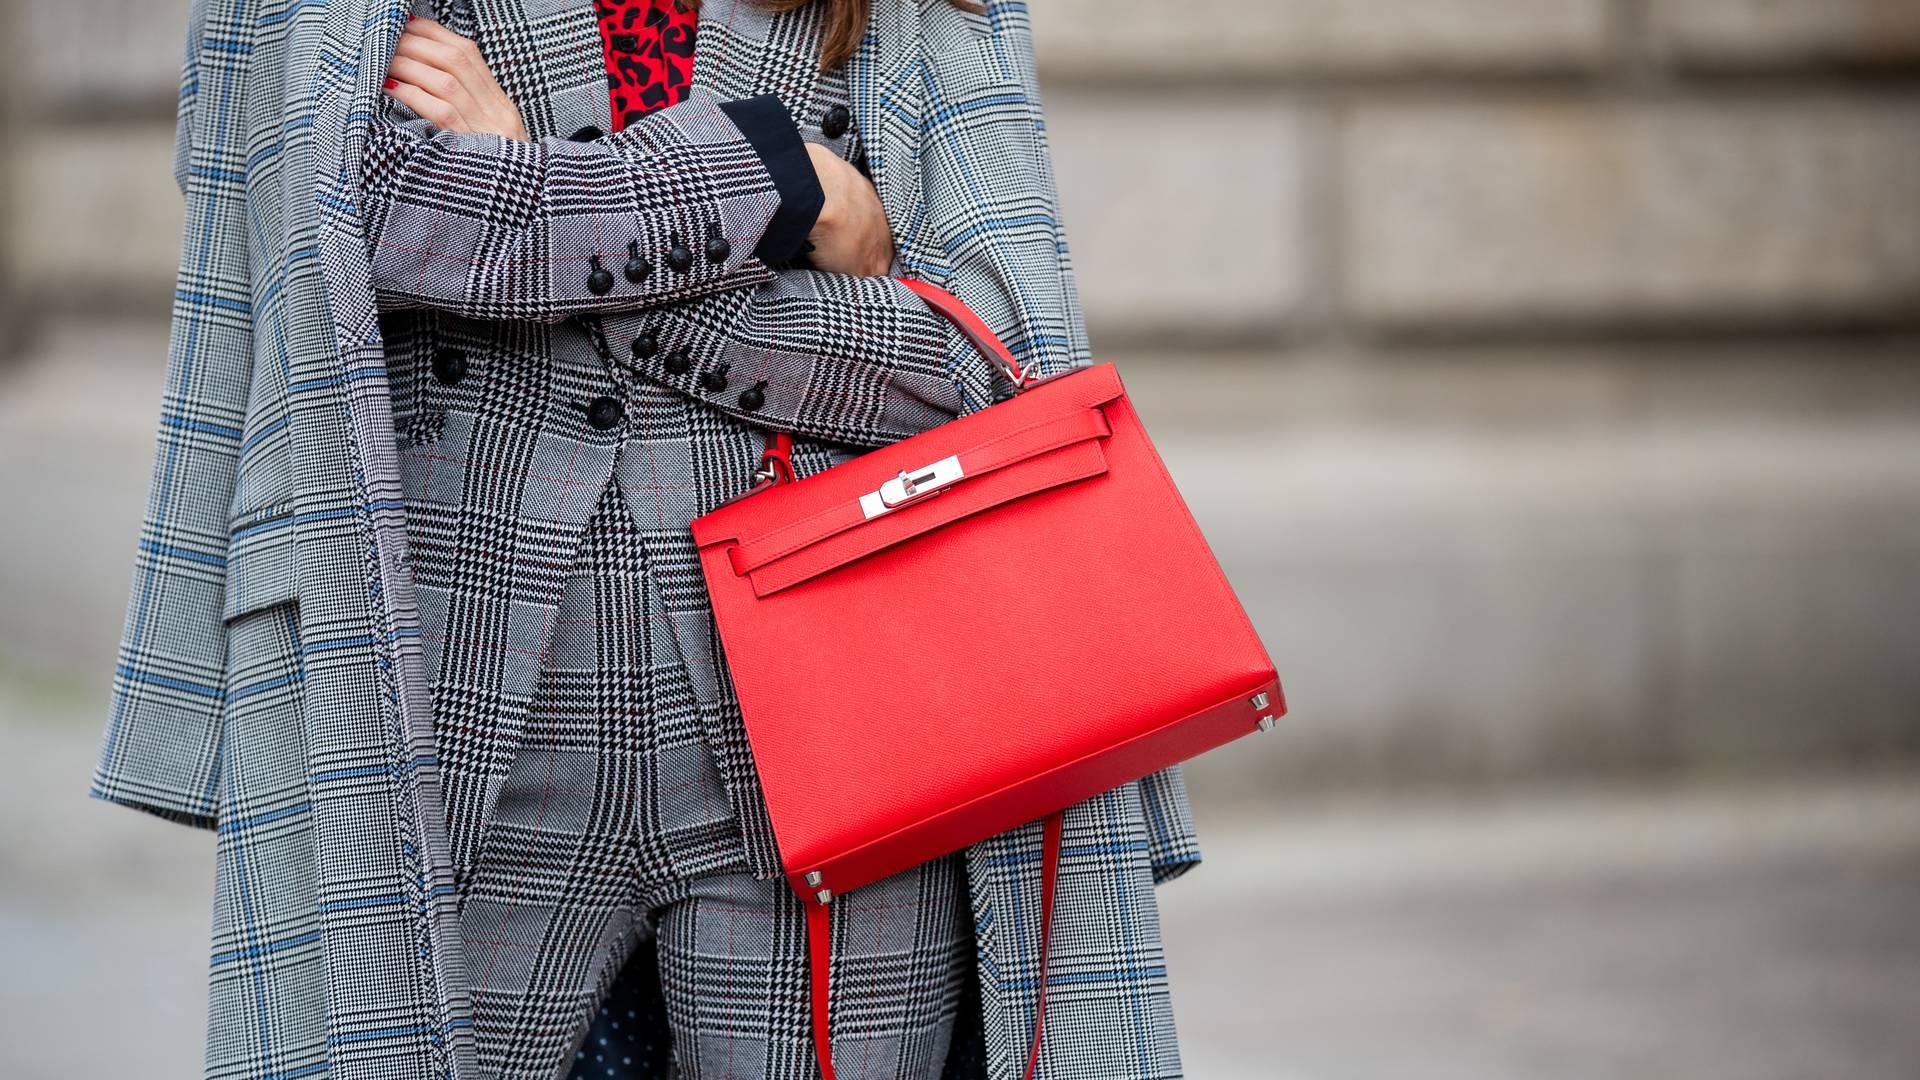 Z czym łączyć ubrania w kolorze khaki? - Sklep Online